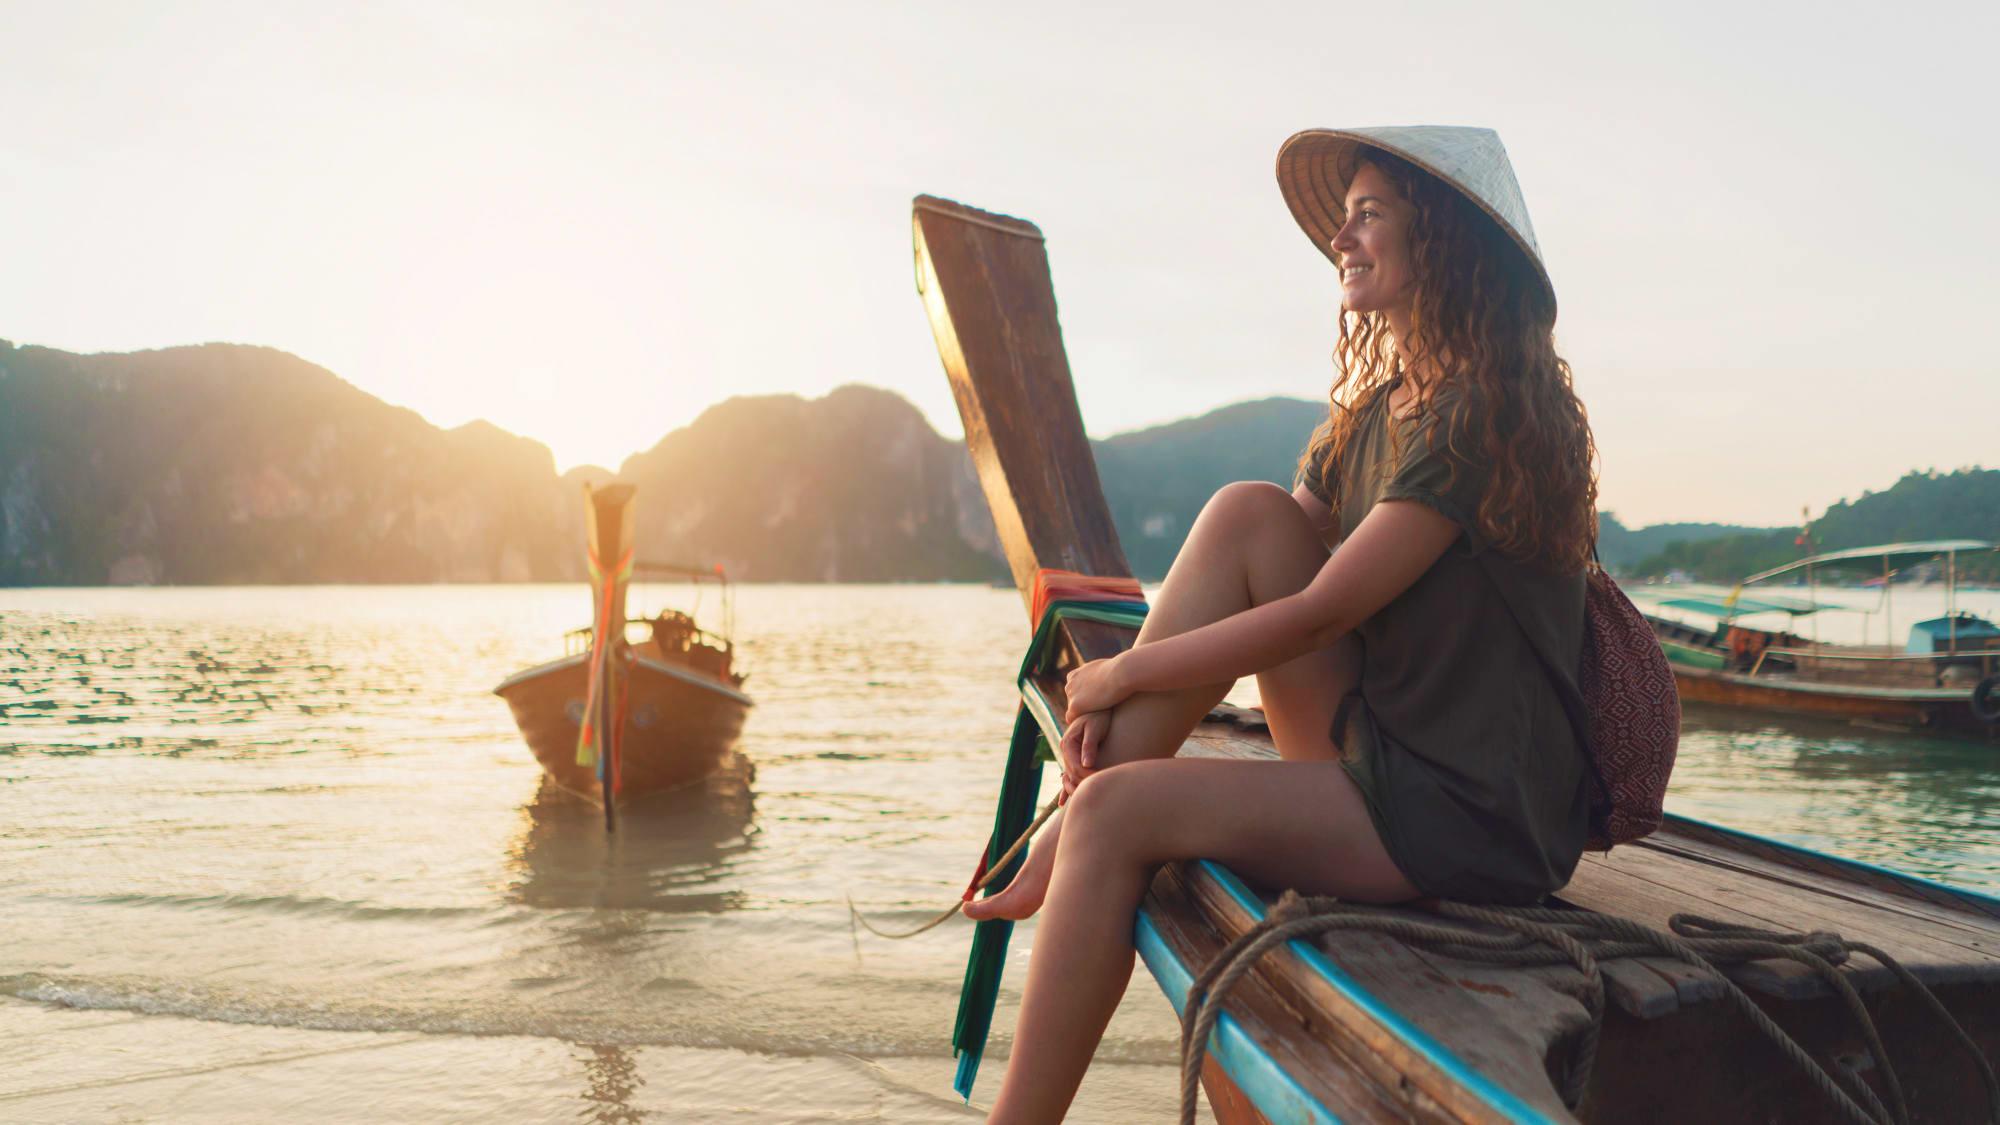 Junge Frau sitzt auf einem Holzboot am Strand